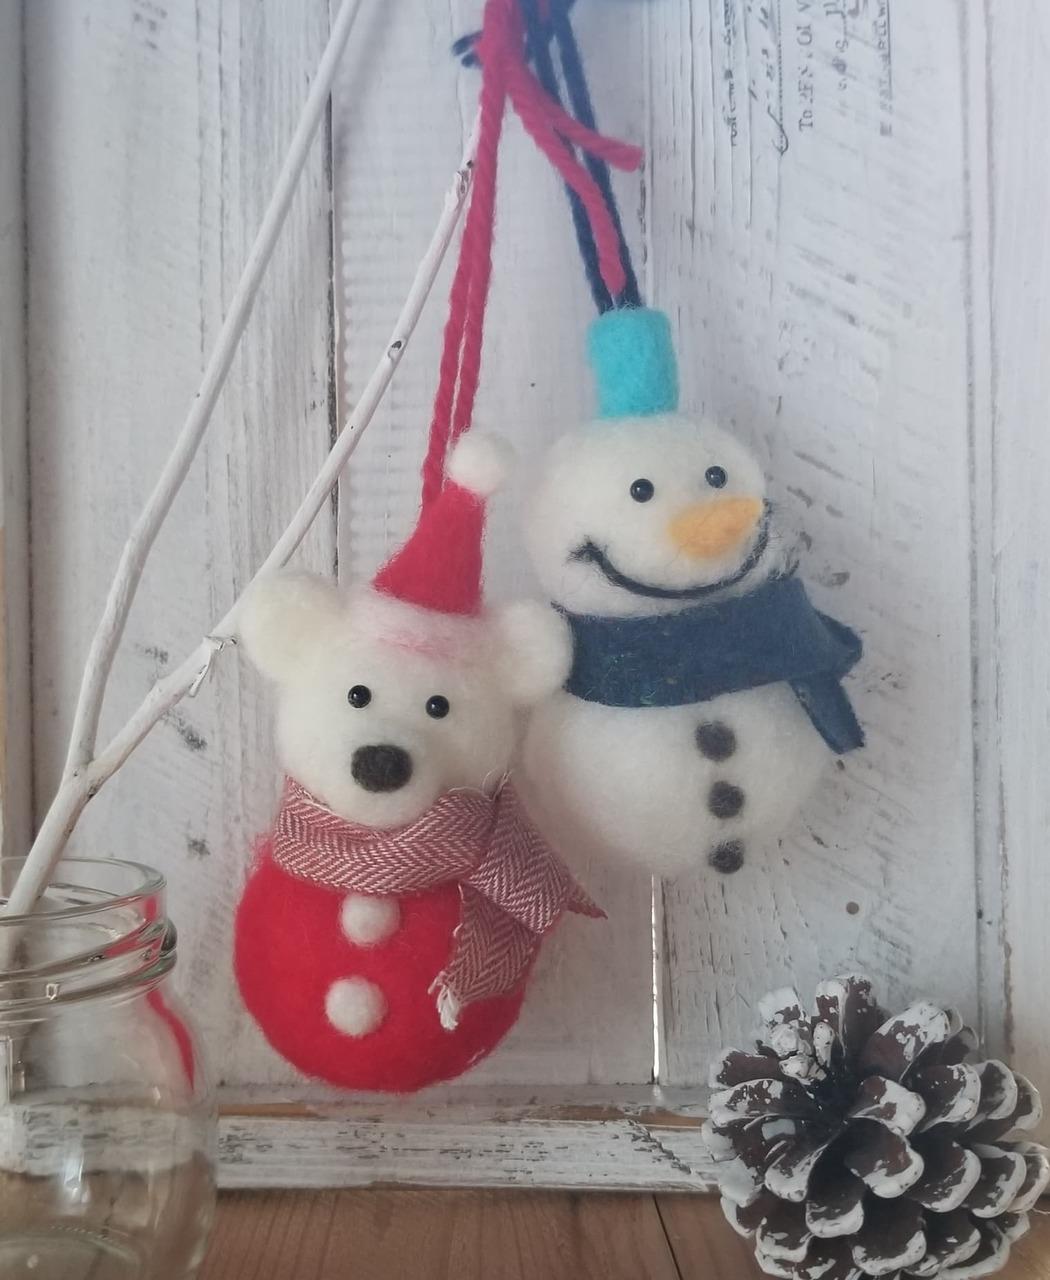 【横浜たまプラーザ】 クリスマス飾りハンドメイドフェア-羊毛フェルトのオーナメント作り-|2020年12月13日(日)